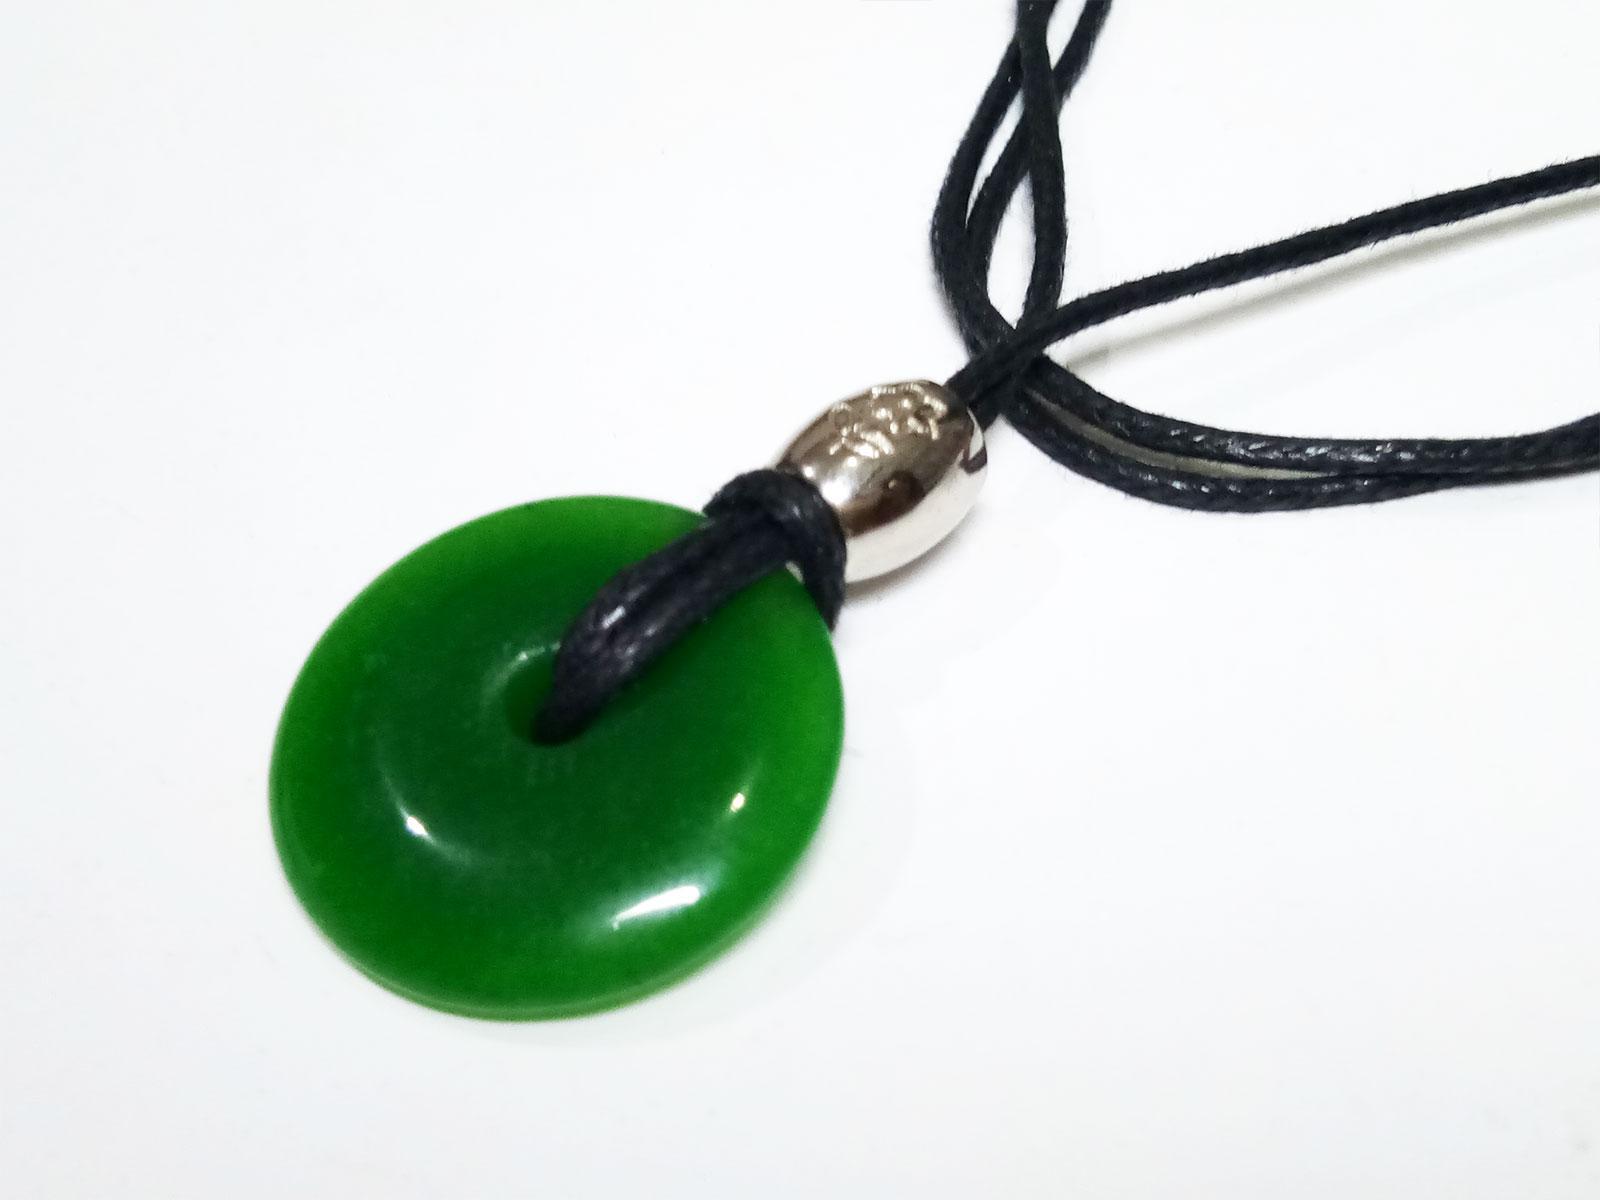 Cek Harga Baru Kalung Liontin Giok Blackjade 11x35 Terkini Situs Black Jade Untuk Kesehatan Vee Batu Hijau Lumut Donat Terapi